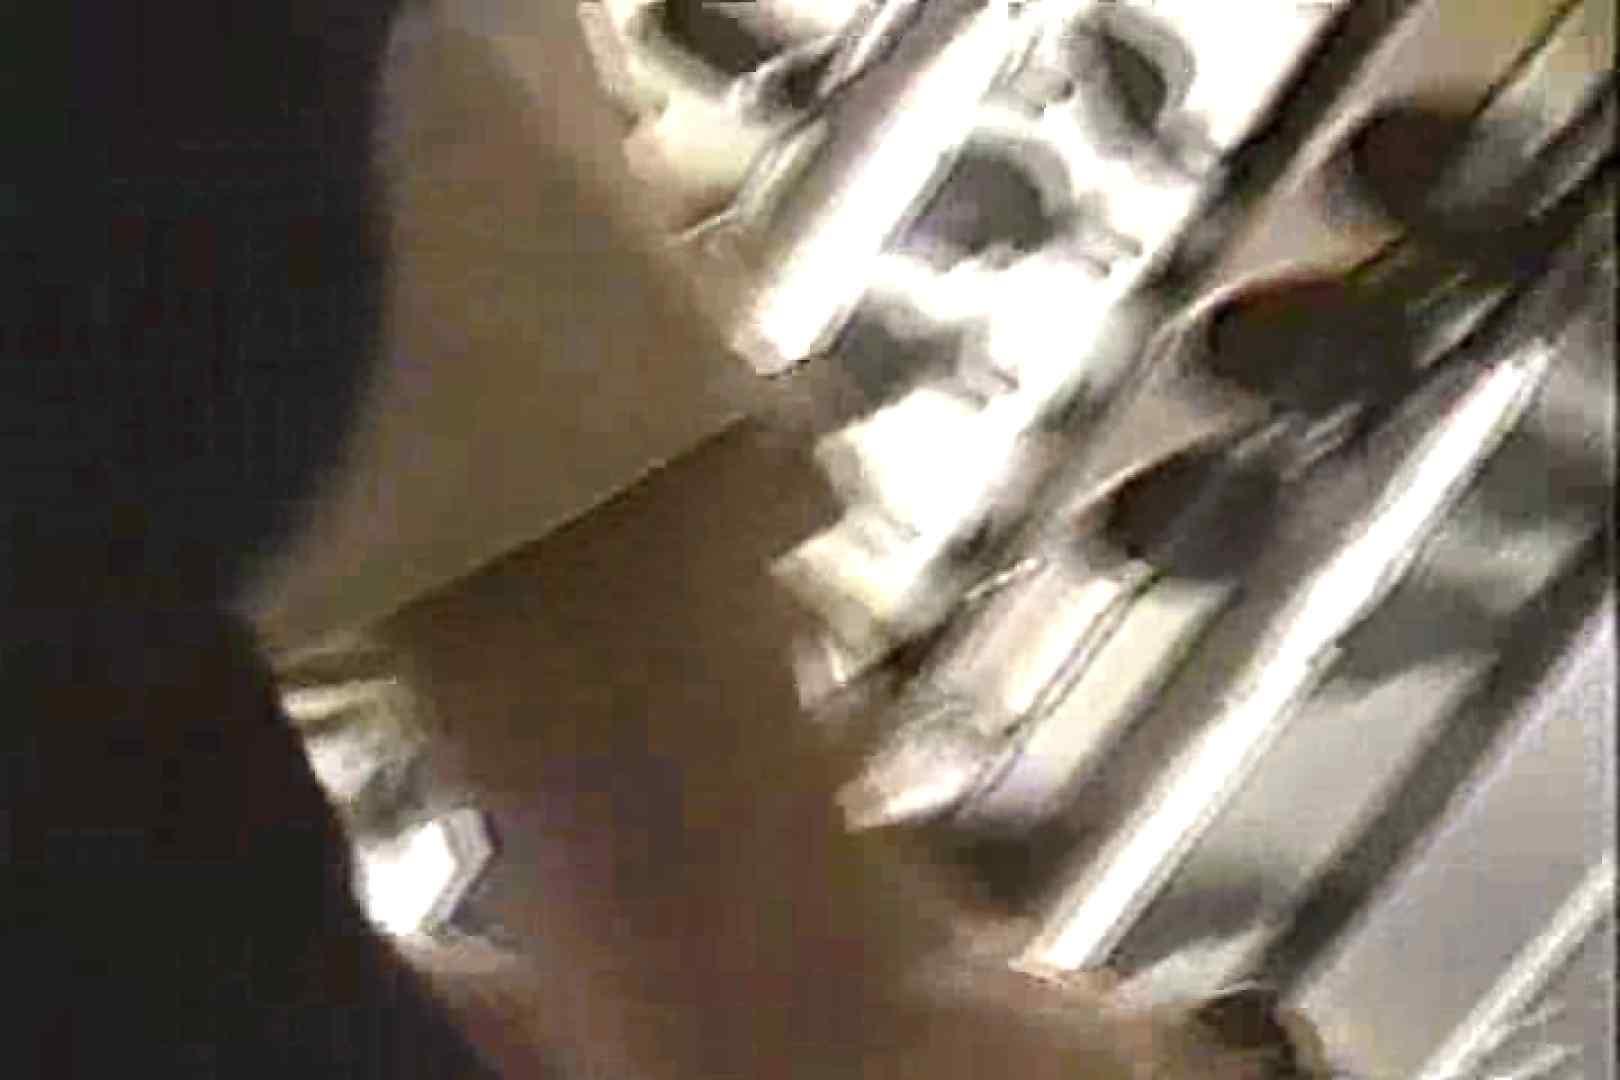 「ちくりん」さんのオリジナル未編集パンチラVol.1_01 チラ  95画像 93